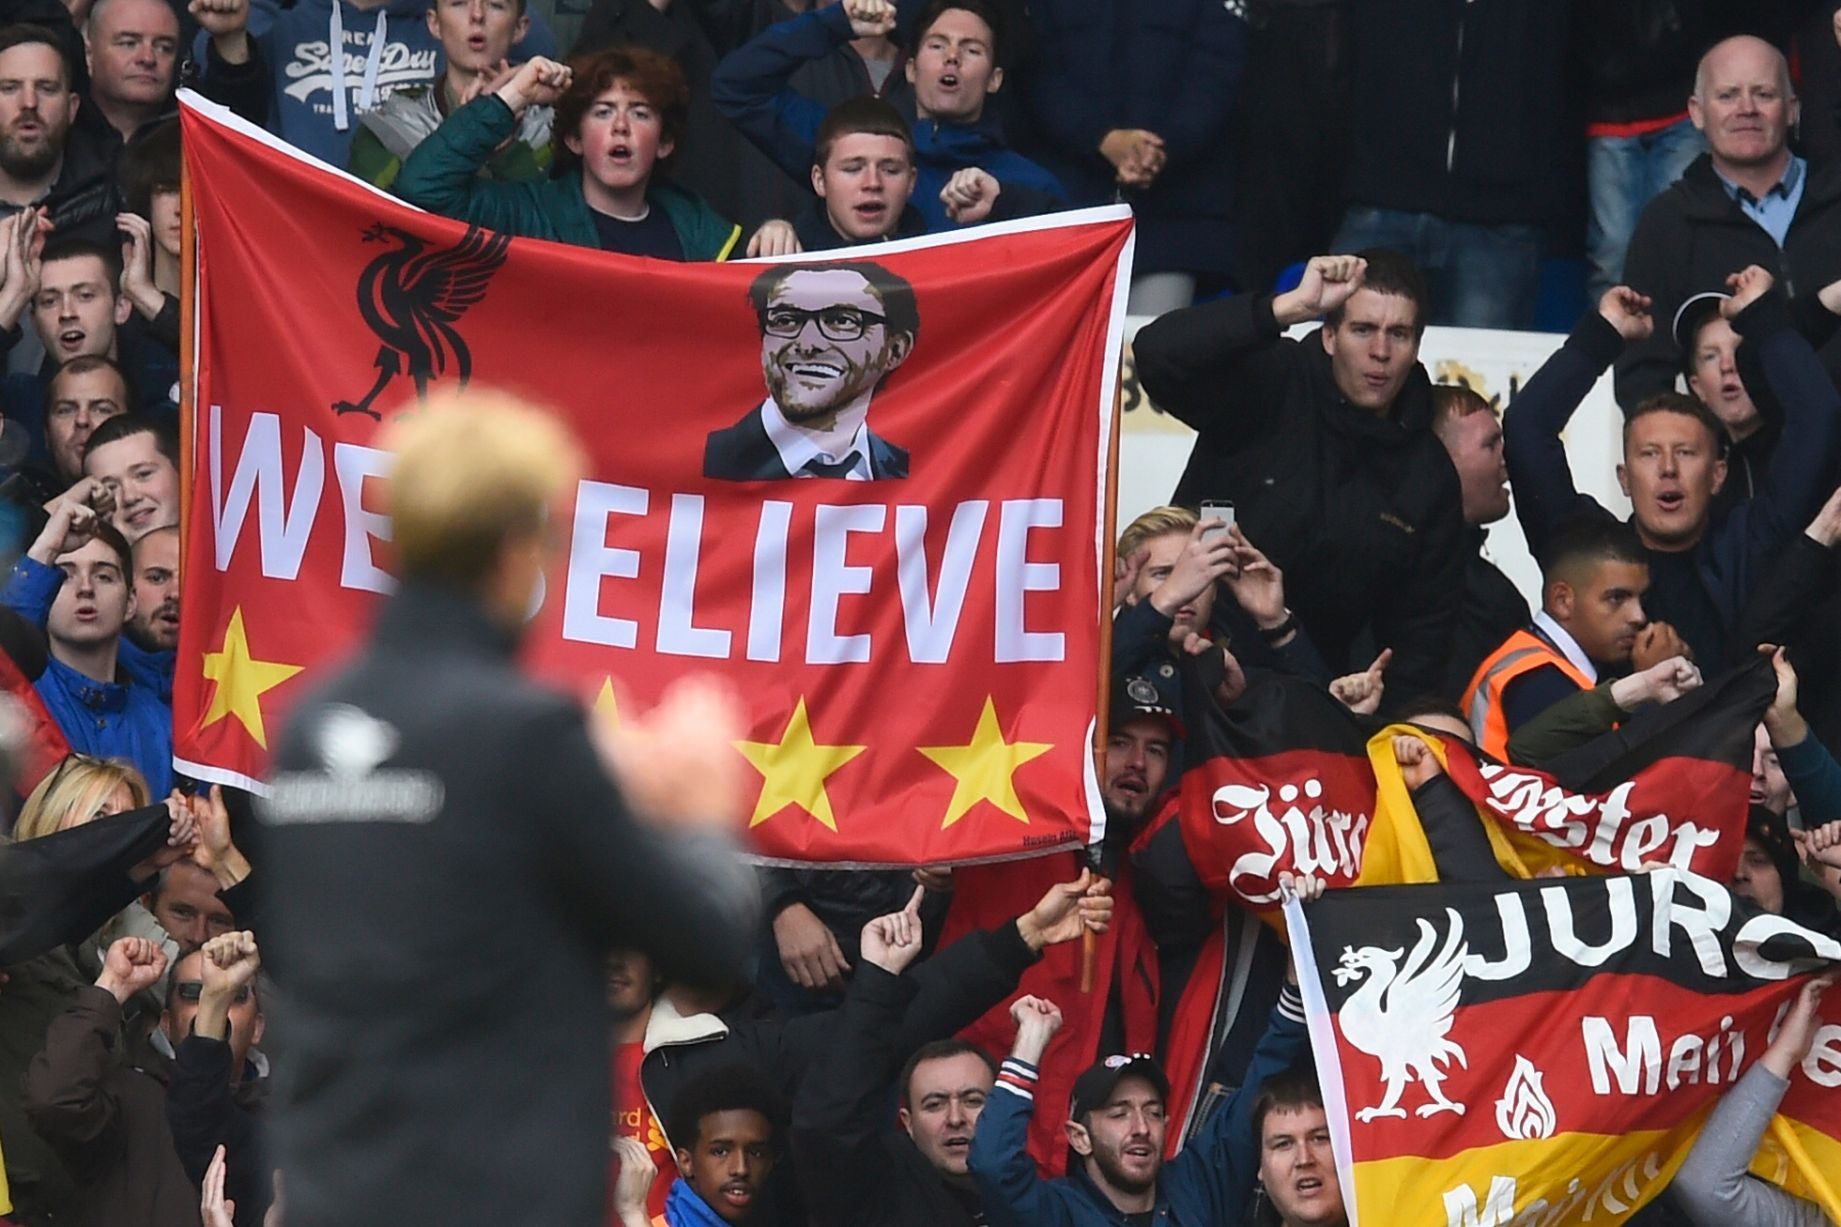 Phớt lờ ngôi vương NHA, Jurgen Klopp phát đi 1 thông điệp đến CĐV Liverpool